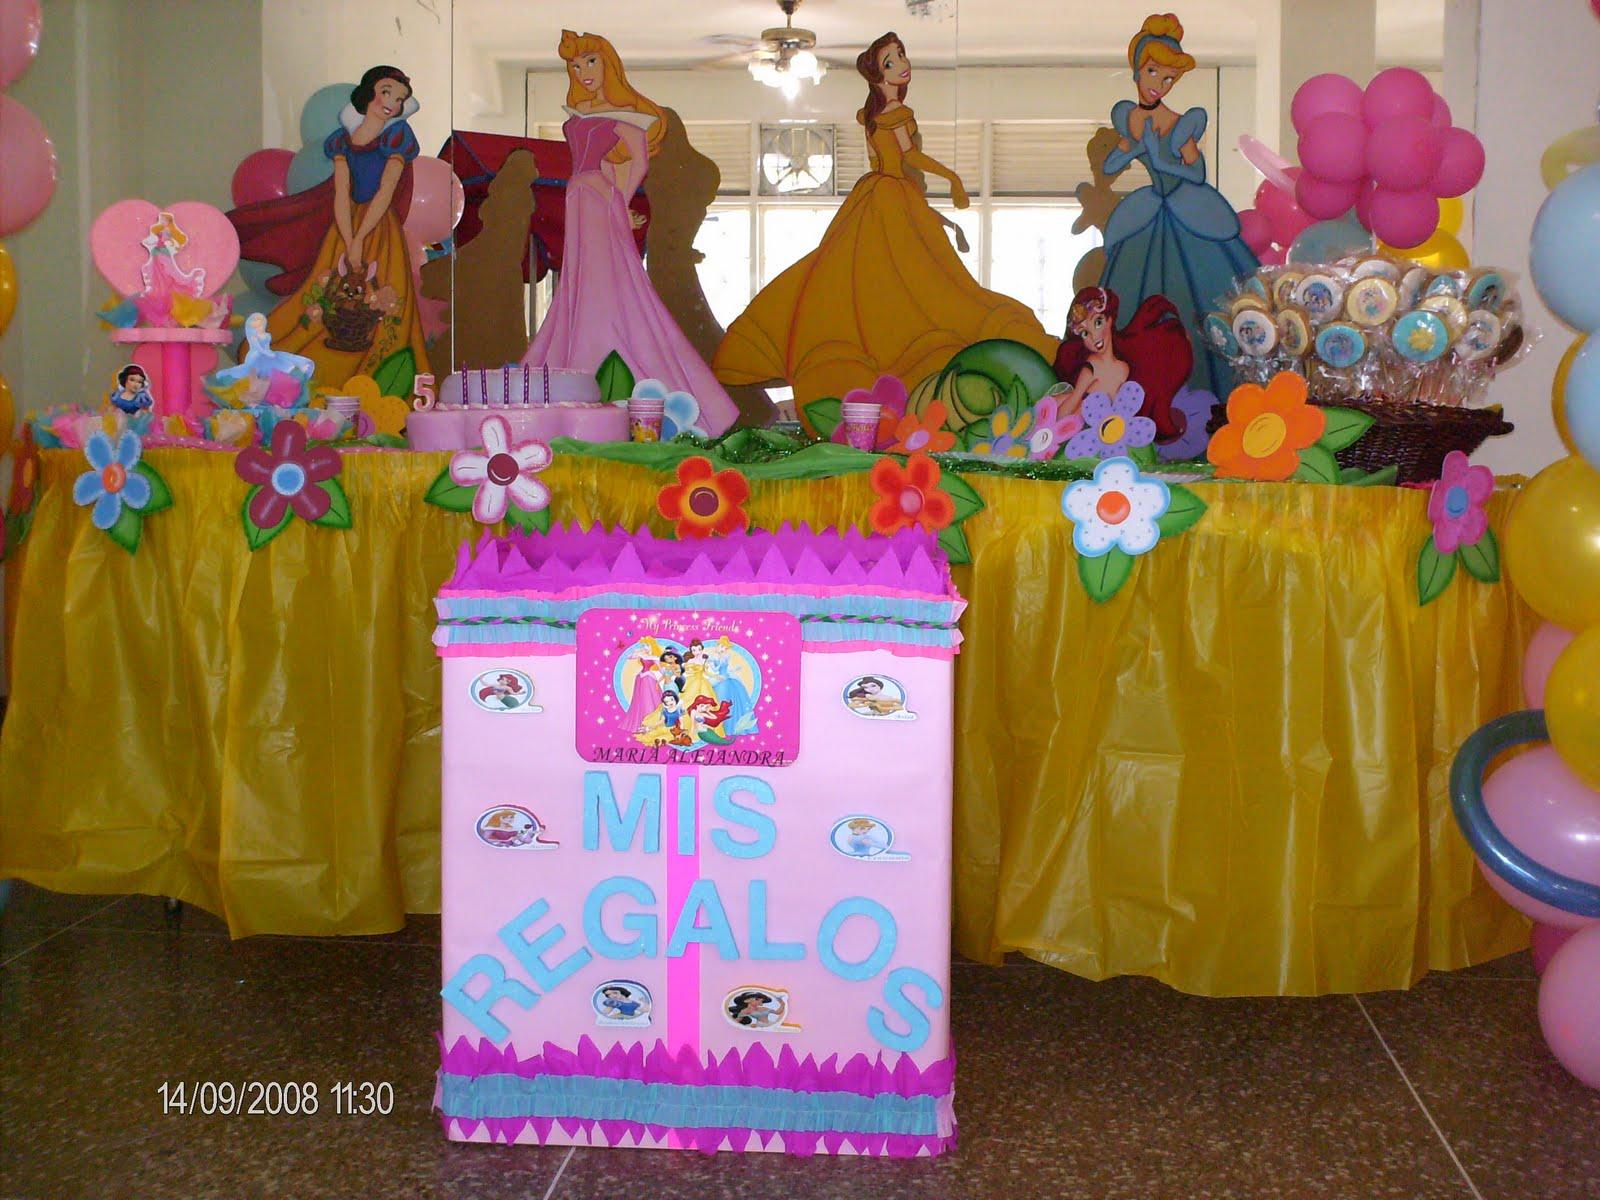 Lo mejor para sus fiestas Infantiles: año 2008 nuestros comienzos